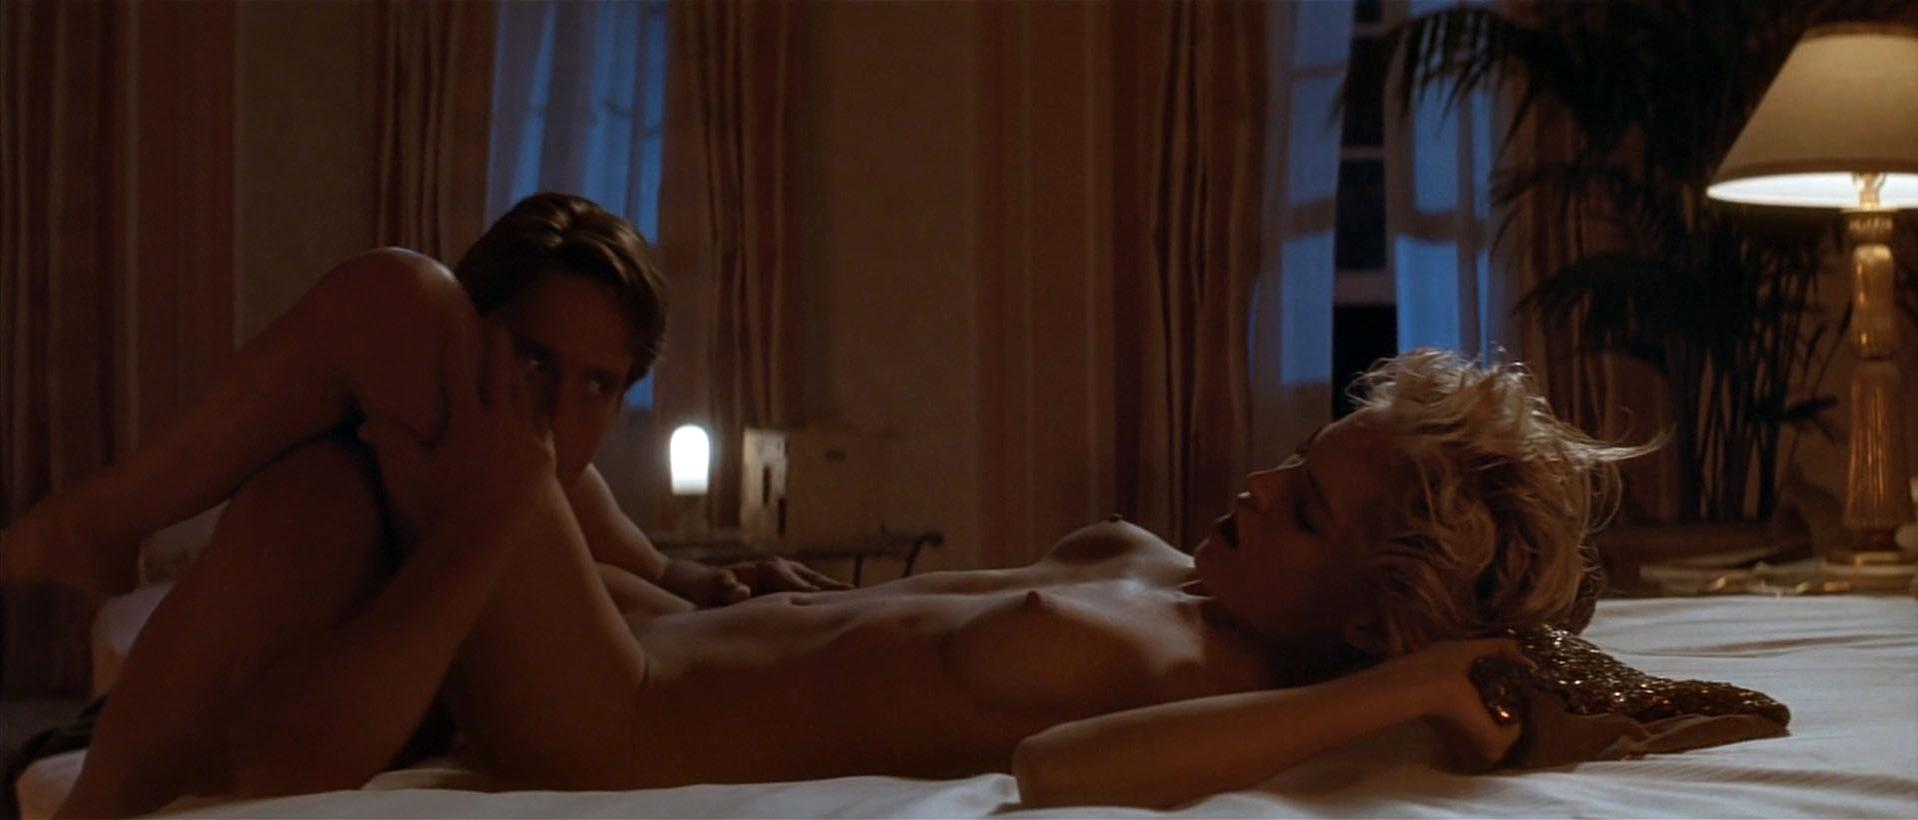 Love nude kissing nipple